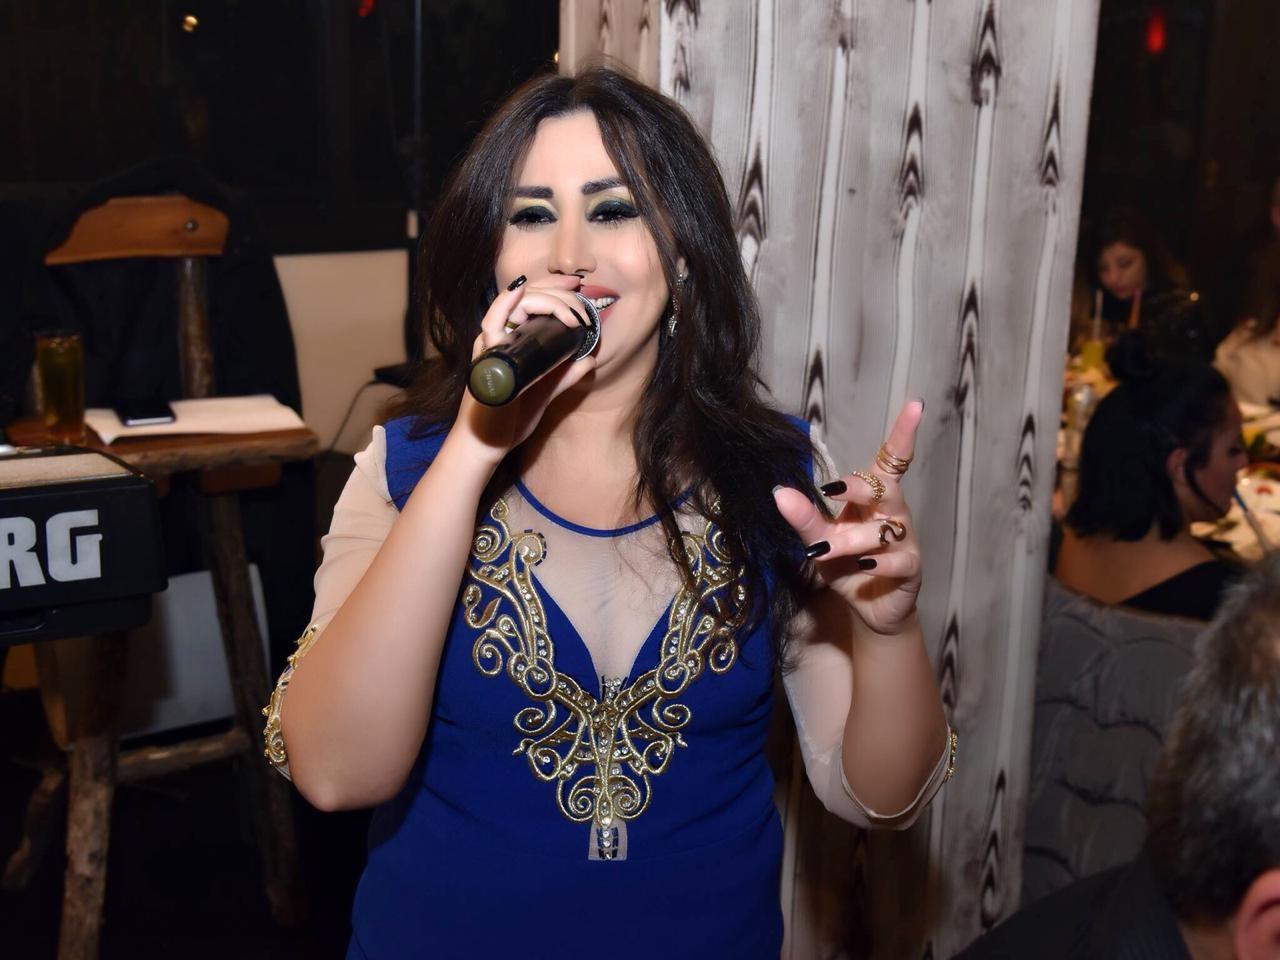 """مارغو قصار تلتقي اللبنانيين في البحرين ولـ""""الدبكة"""" حضورها"""